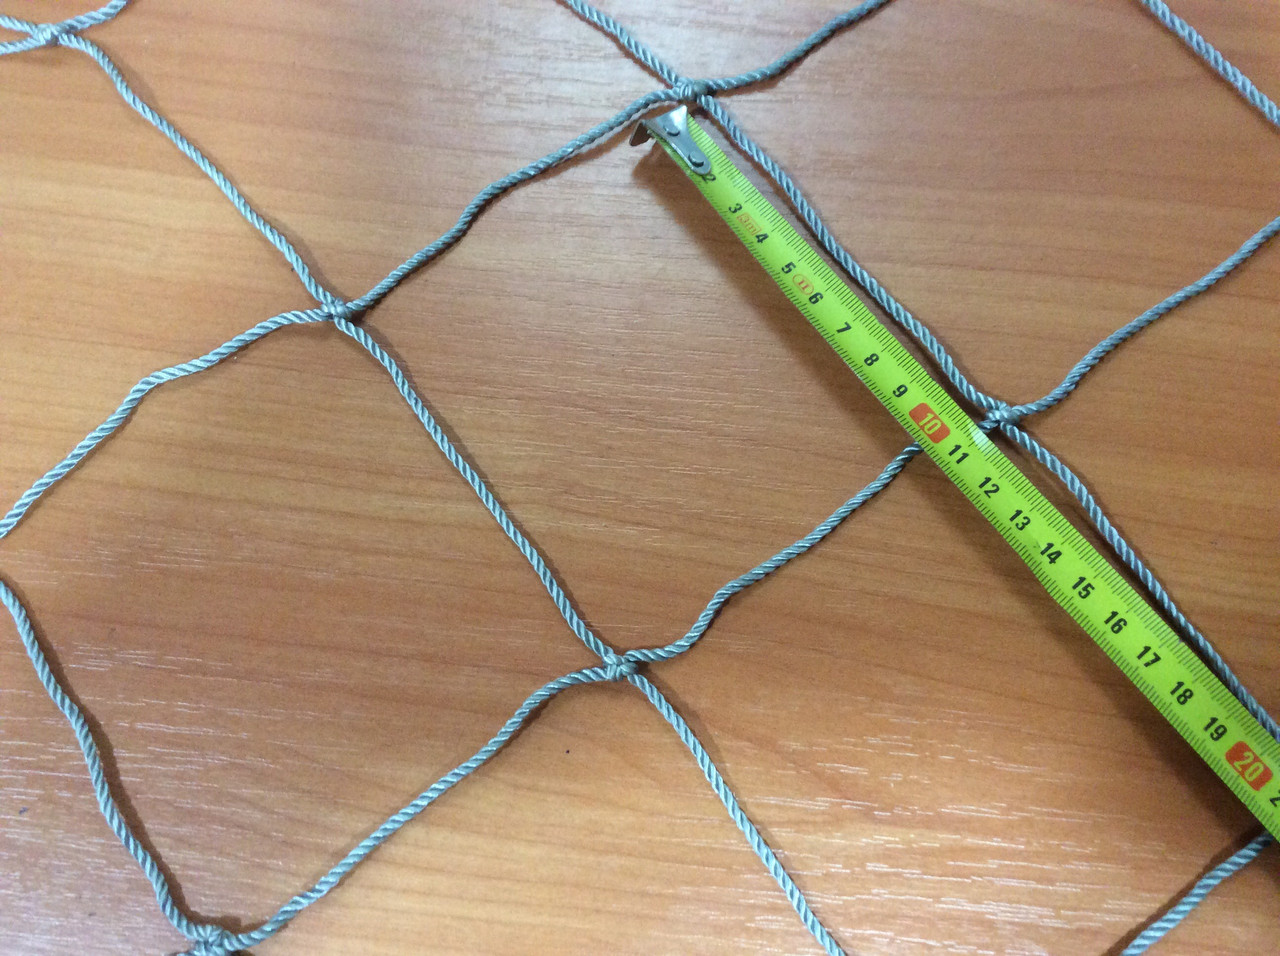 Капронова сітка осередок 100мм нитка 3,0 мм 1,5 х 5,7 м в робочому стані